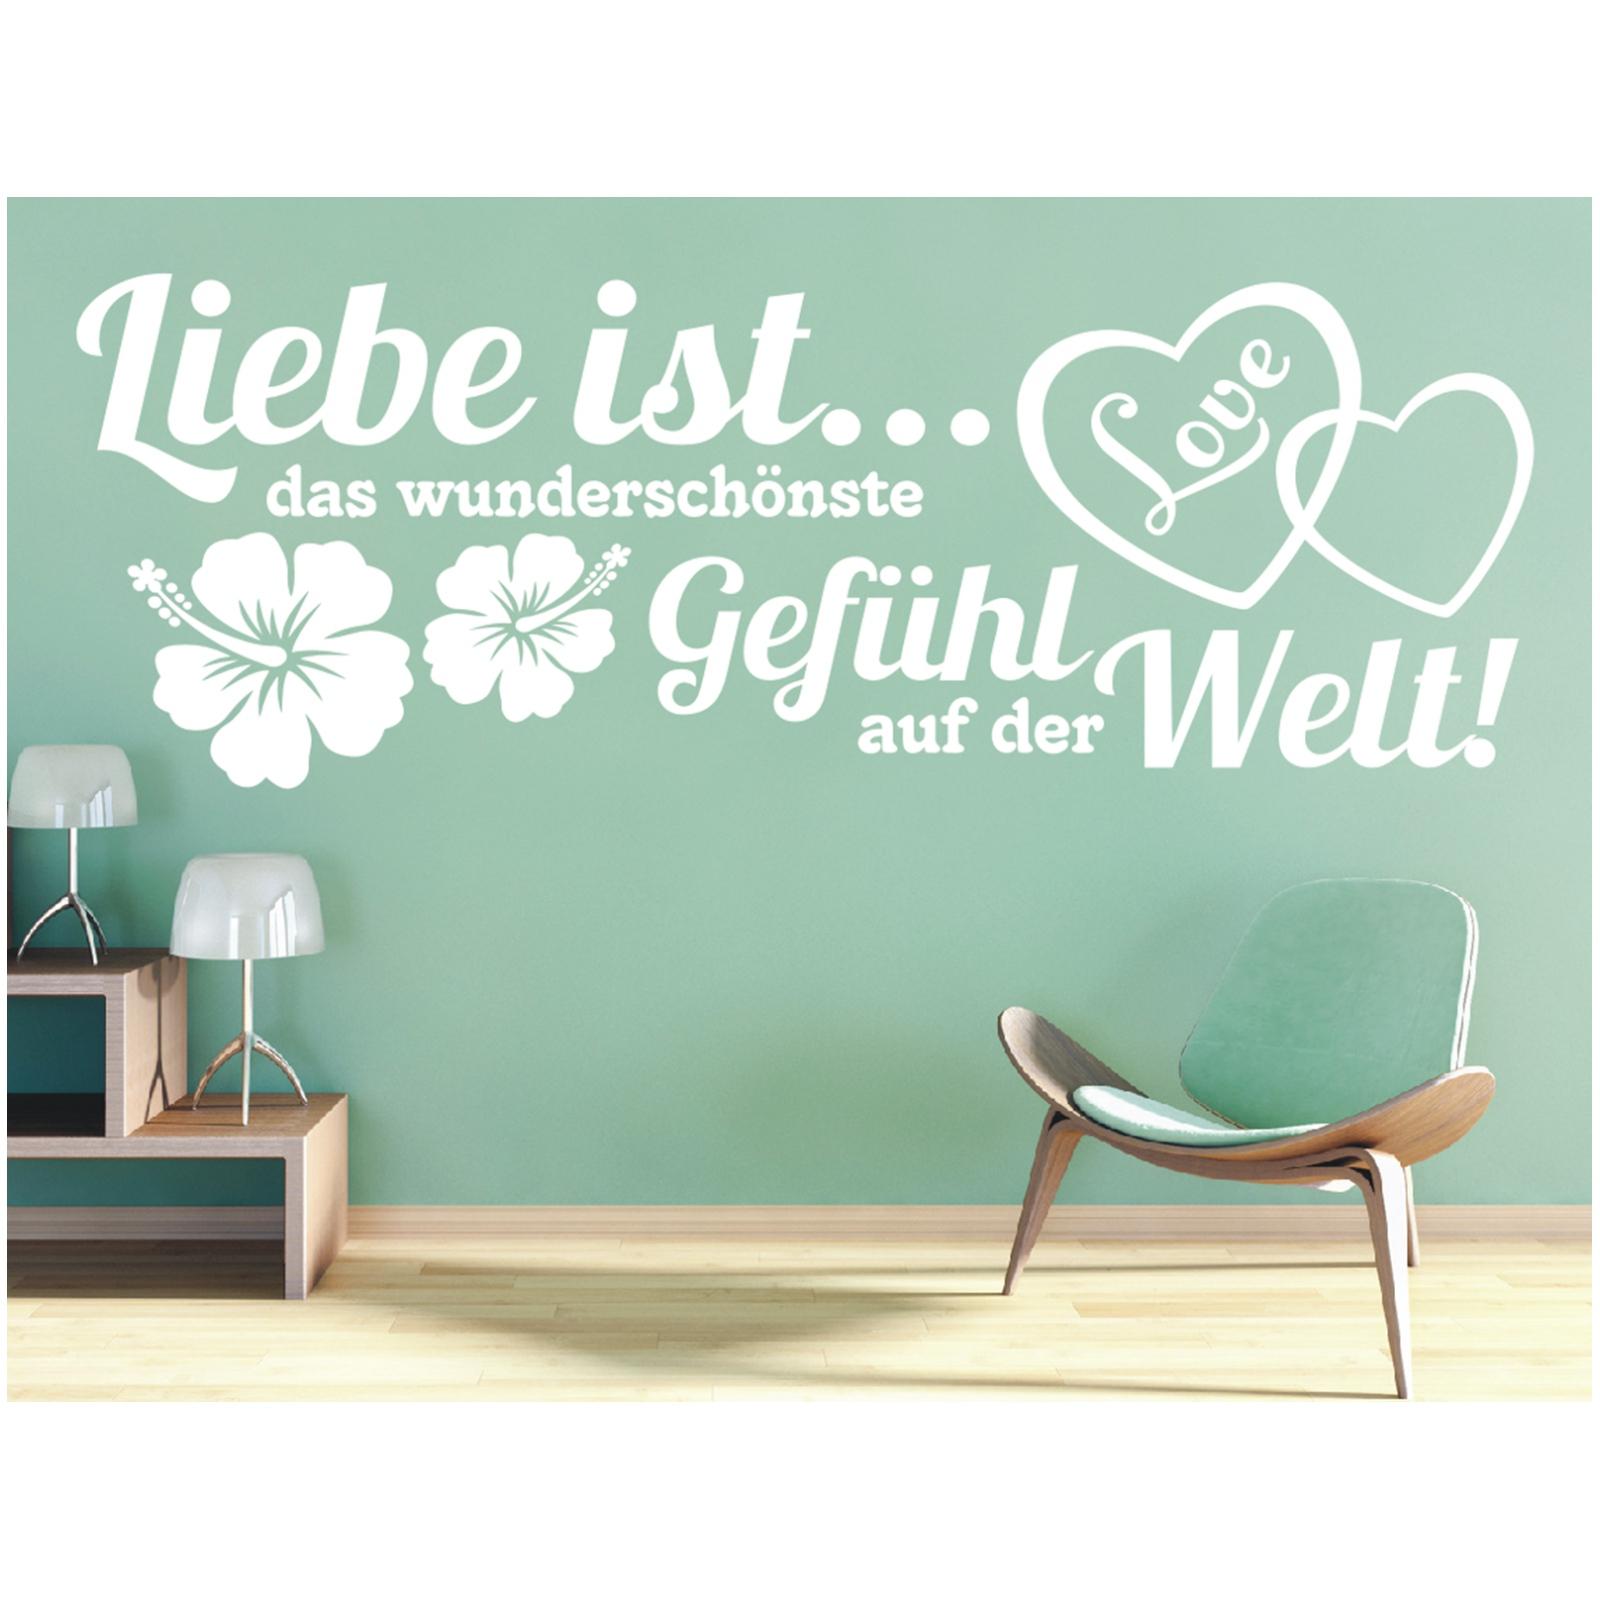 Full Size of Wandtattoo Spruch Liebe Ist Gefhl Welt Wandsticker Wandaufkleber Im Ganzen Wc Sprüche 1 Küche Wandtattoos Sprüche